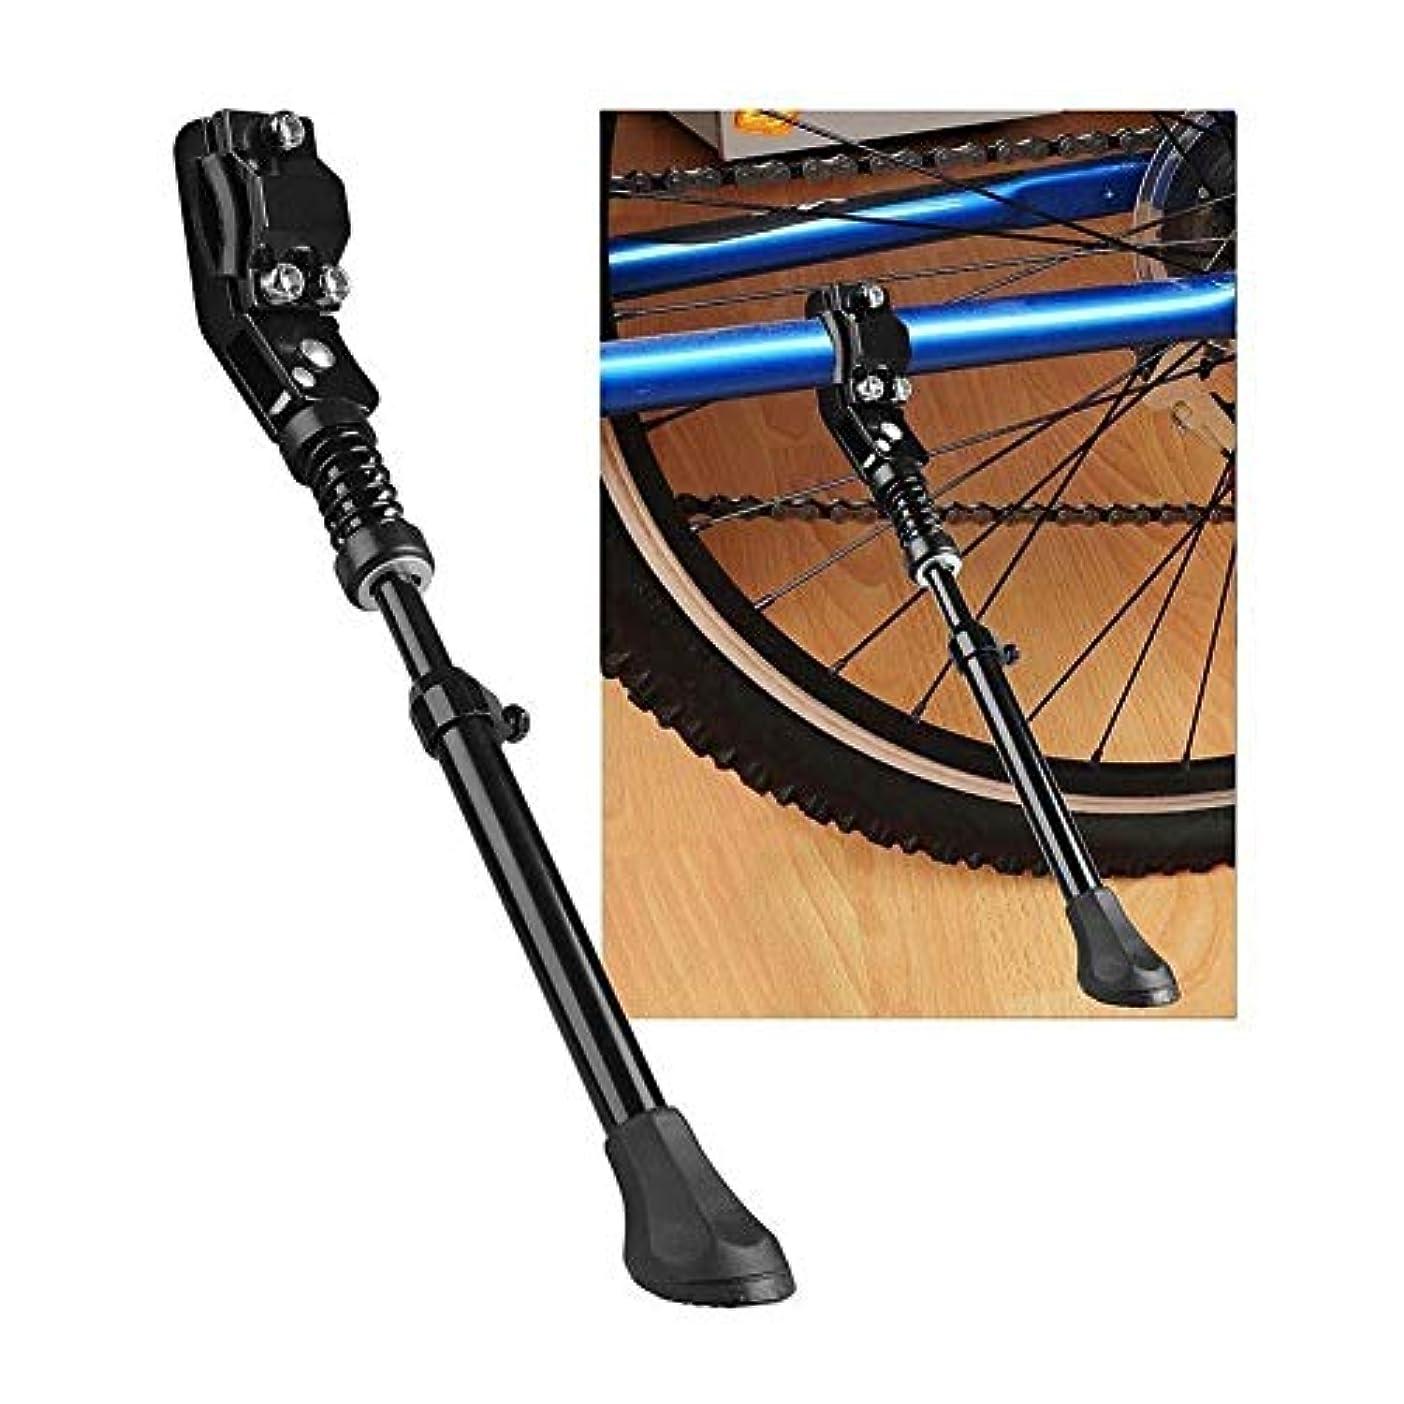 挑発するマッサージどんよりした調節可能な自転車ブラケット、マウンテンバイク自転車マウンテンバイクのアルミ合金サイドリアキックブラケット自転車アクセサリー